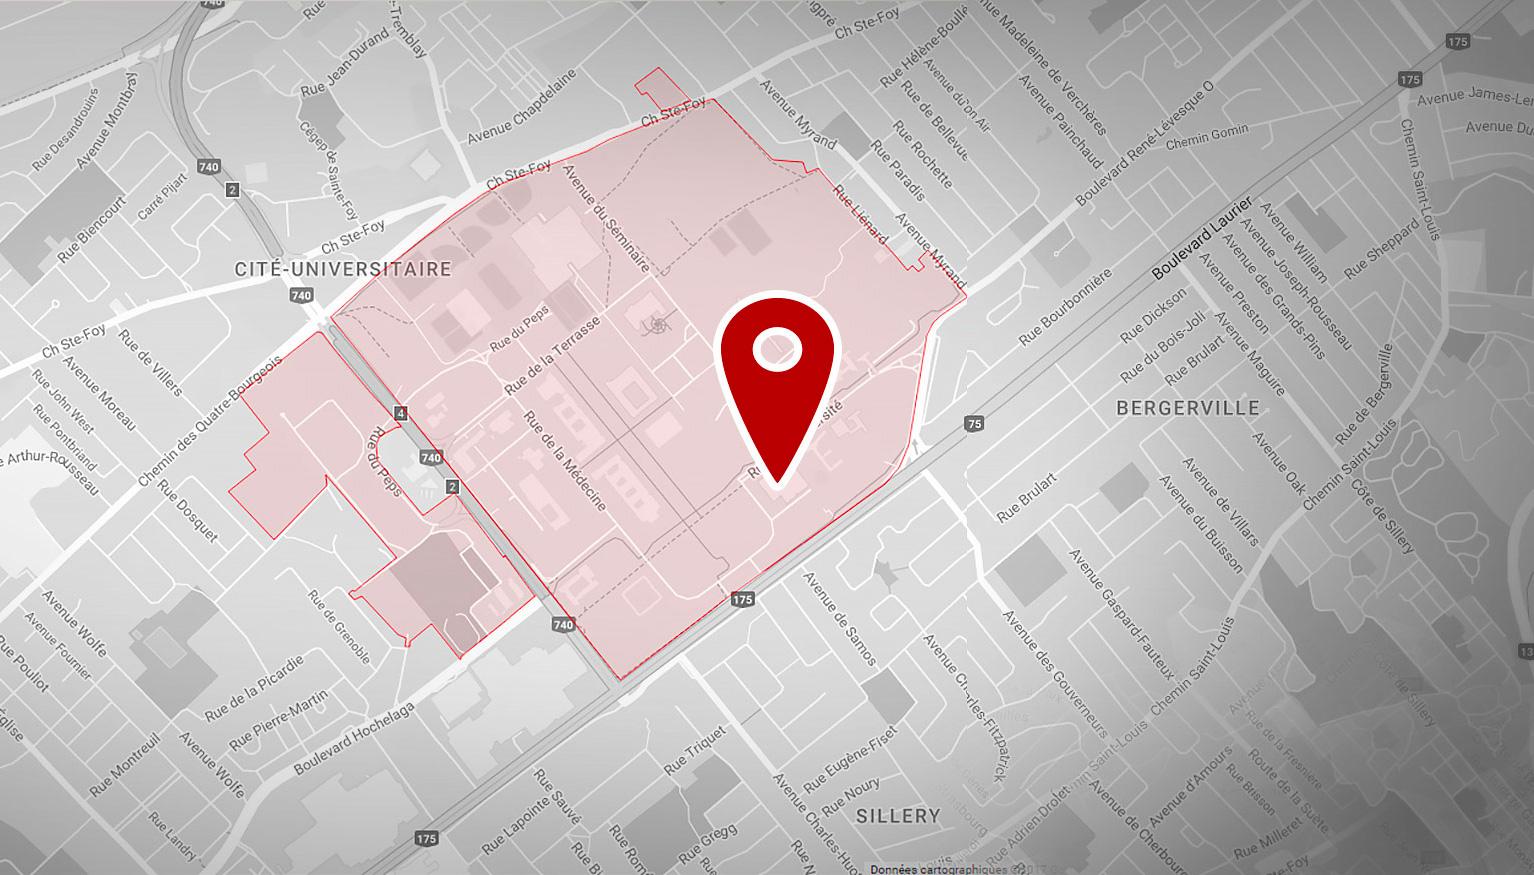 Carte Canada Dans Le Monde.Bienvenue A L Universite Laval Ulaval Ville De Quebec